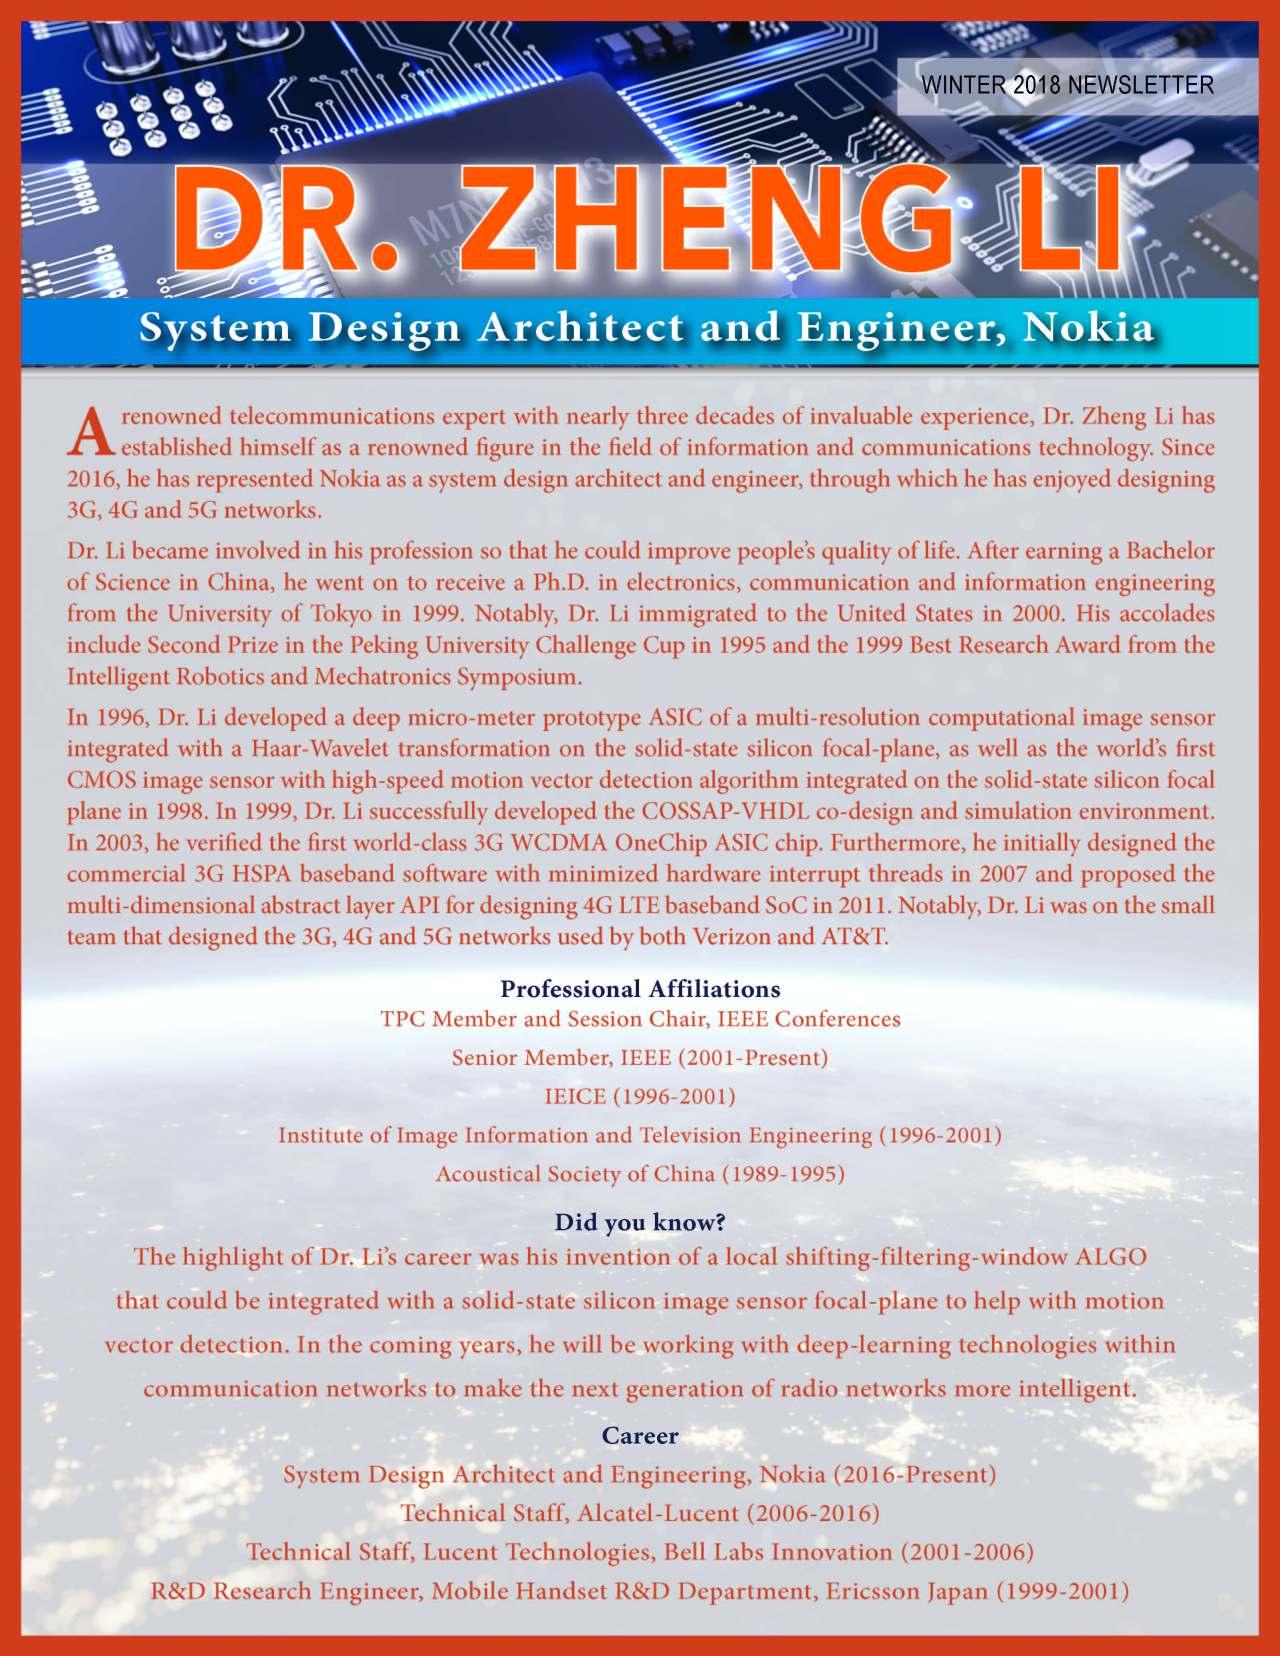 Li, Zheng 3680976_4003680976 Newsletter.jpg